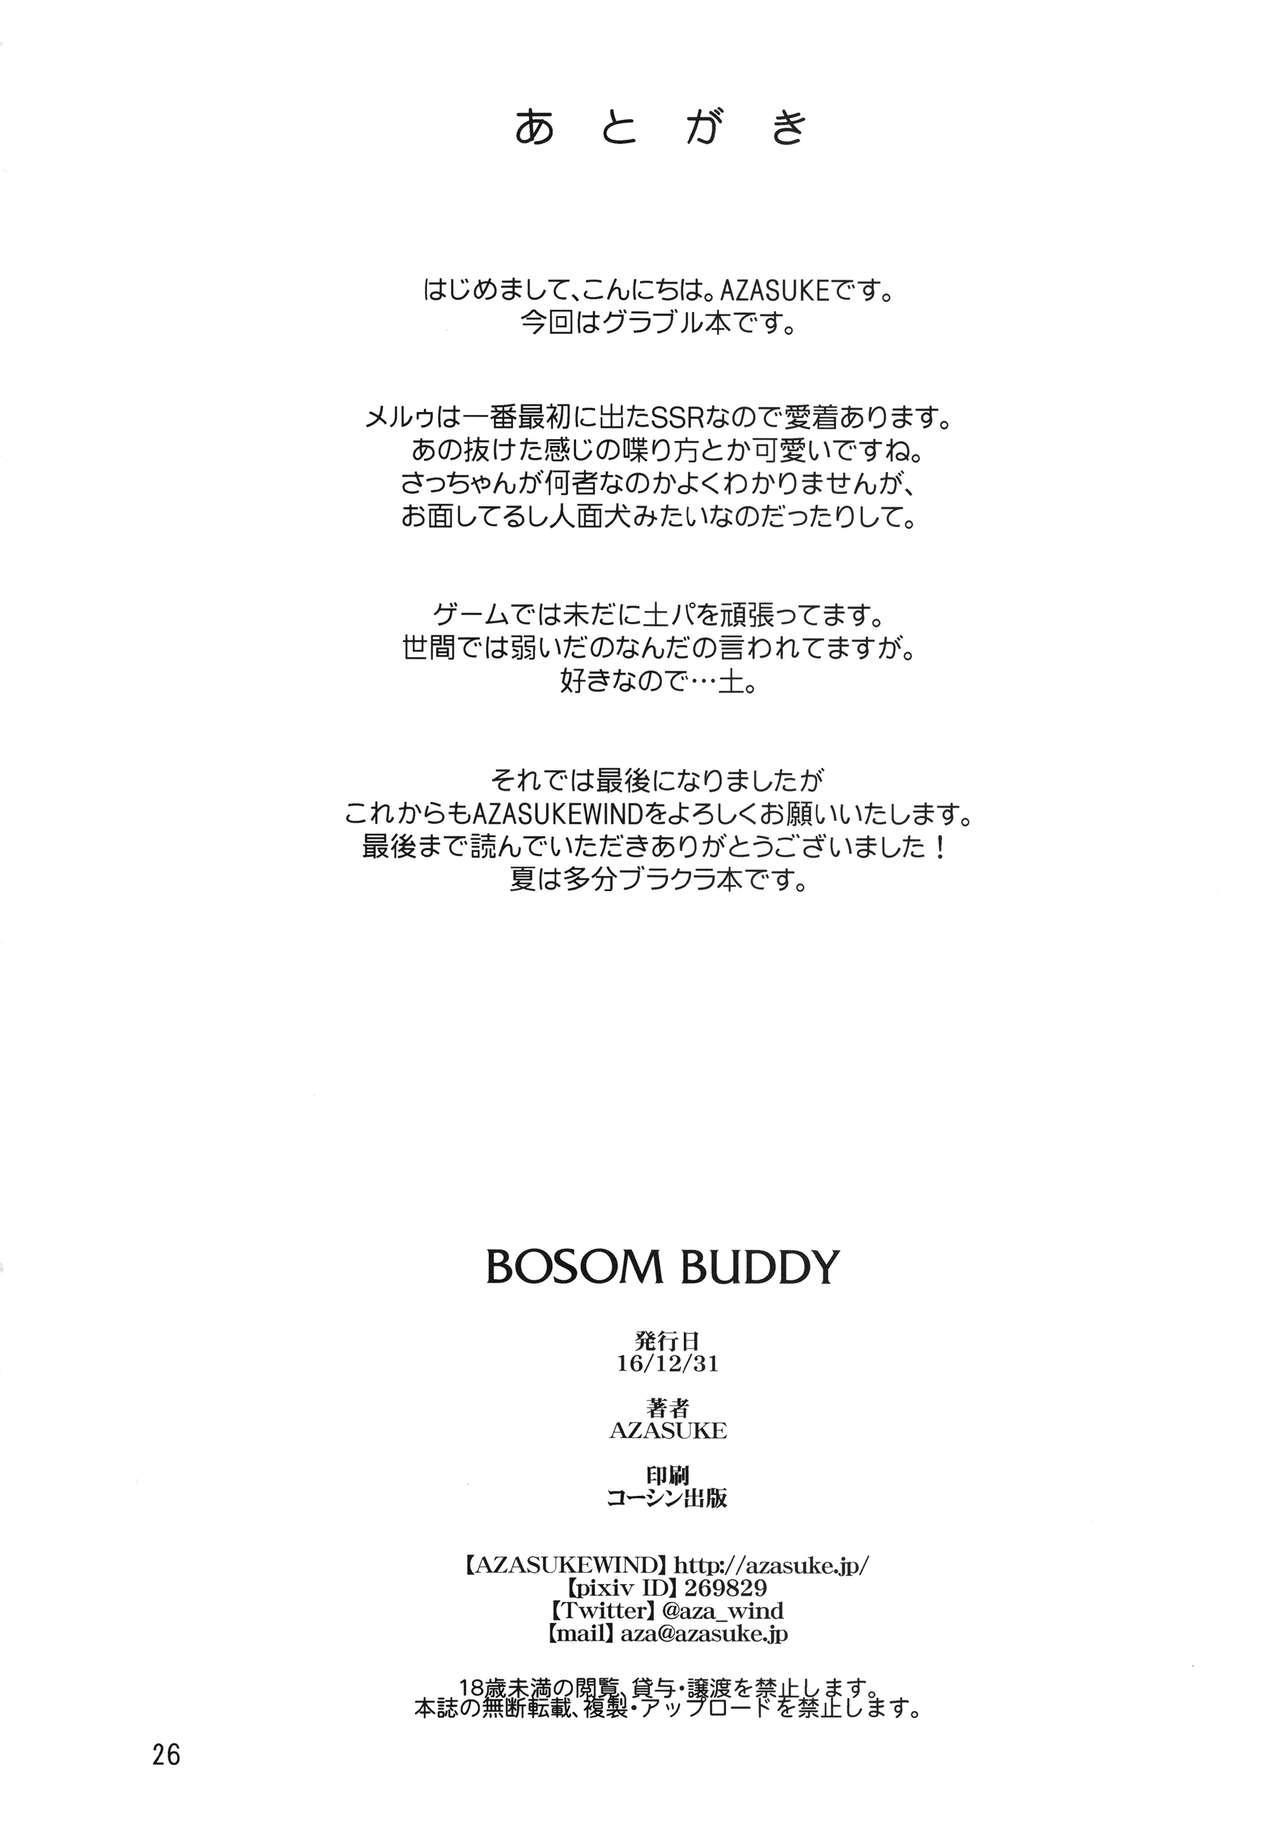 BOSOM BUDDY 24